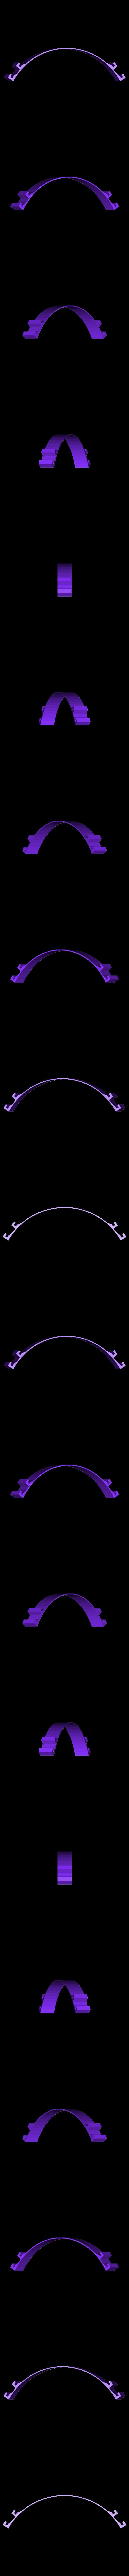 SUJECION MASCARILLA DOBLE AGARRE 130MM.stl Télécharger fichier STL gratuit Porte-masque simple et double courbe + Boucle d'oreille (pour sauver les oreilles) • Objet pour imprimante 3D, celtarra12